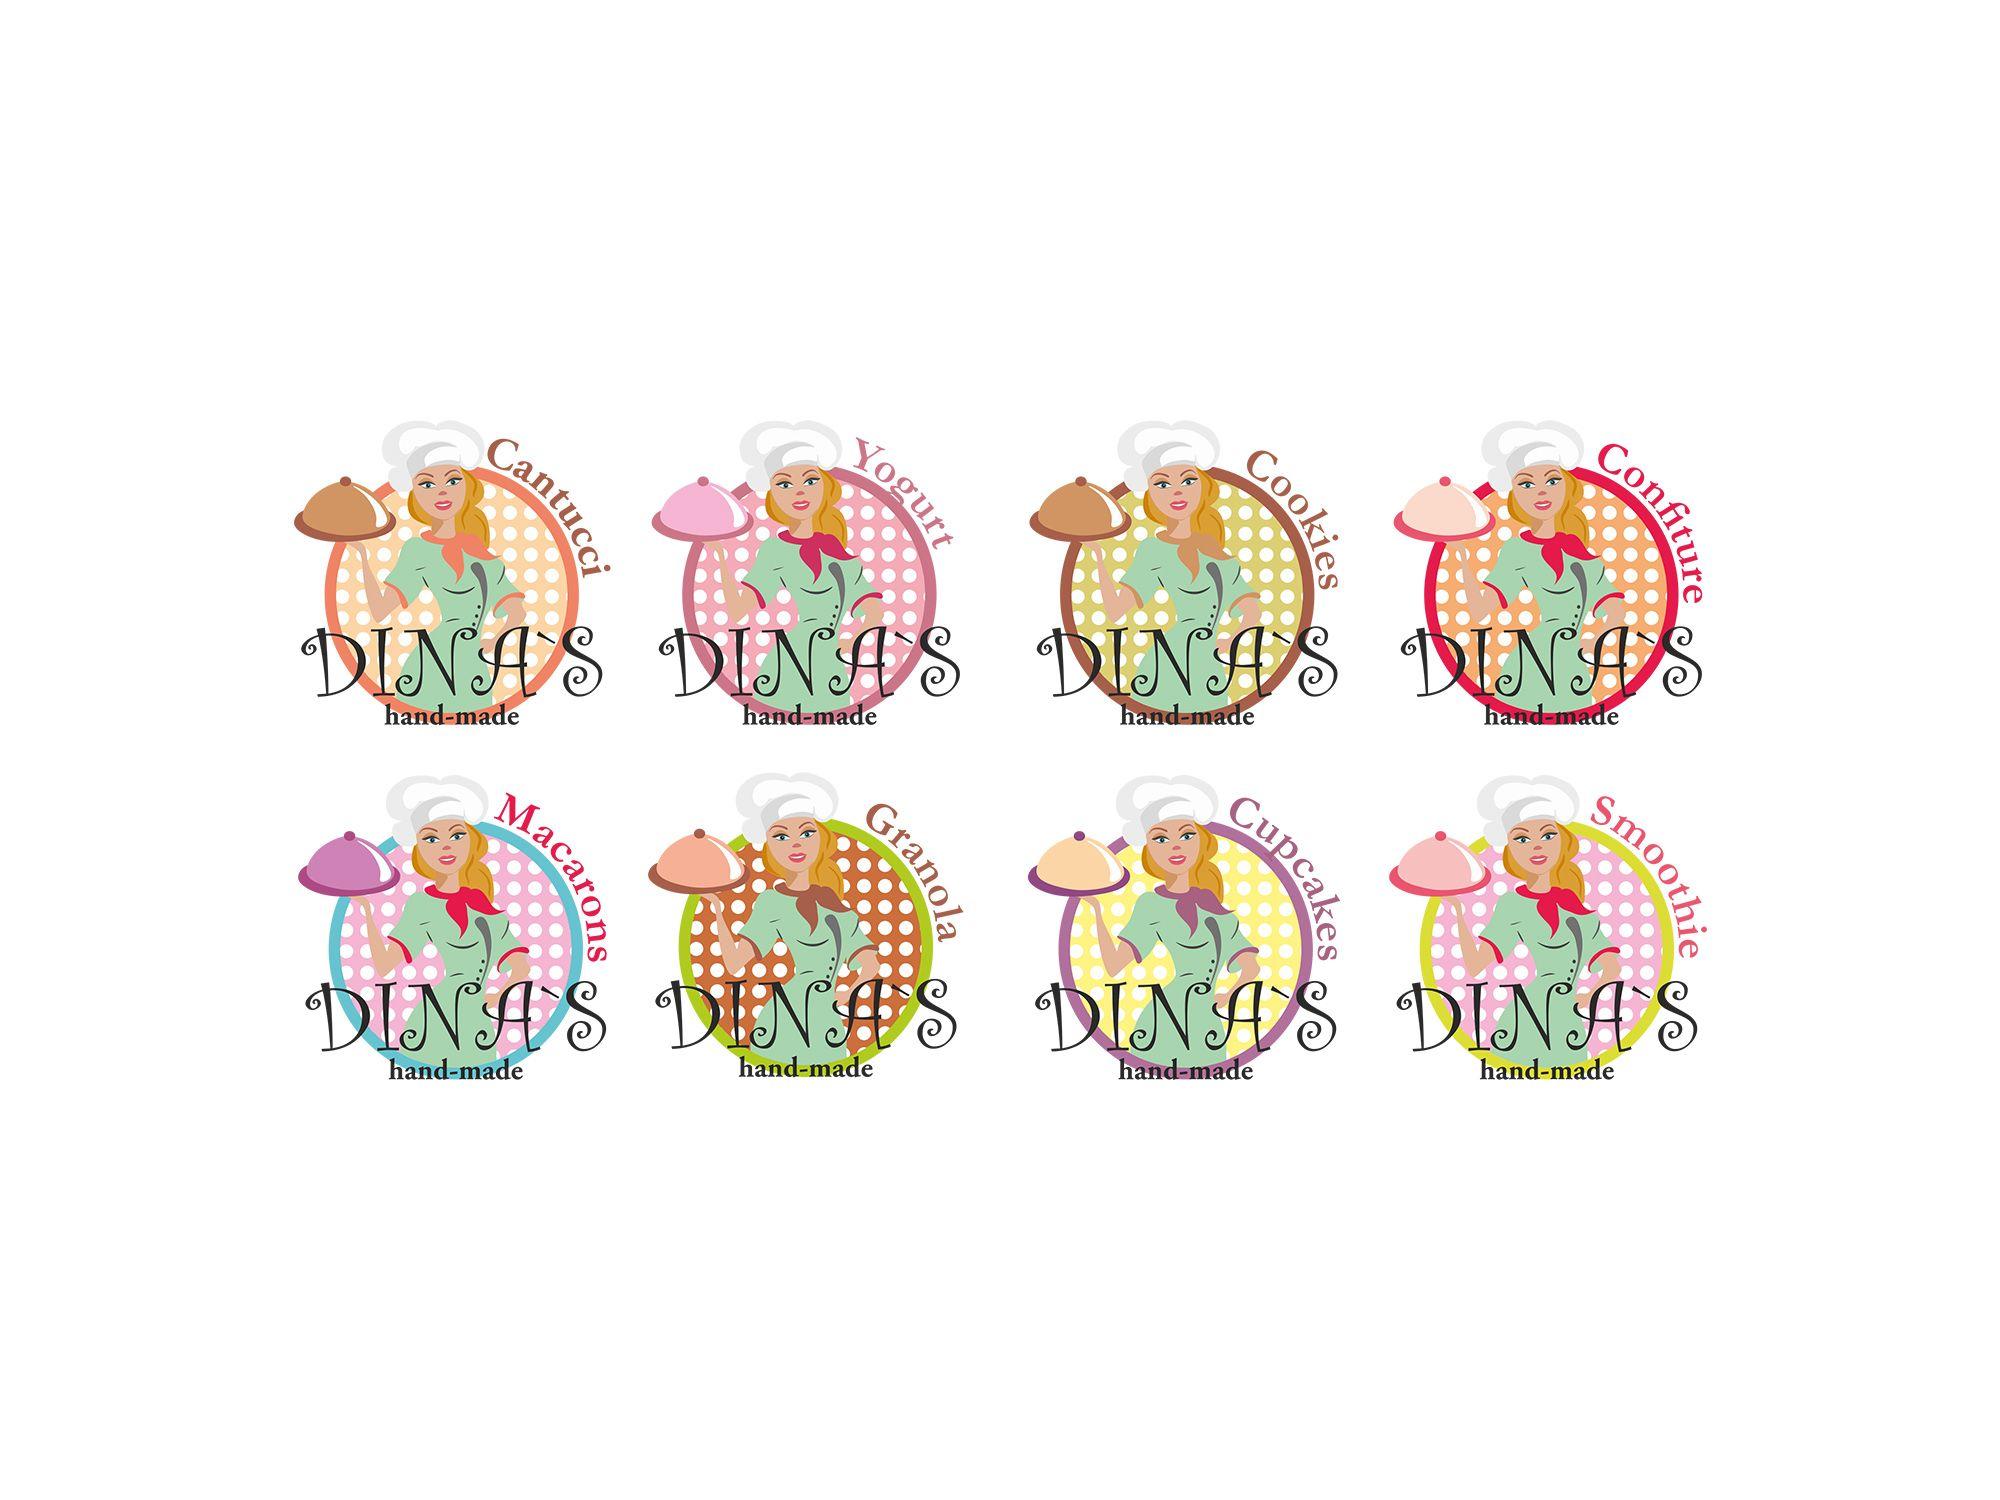 Лого для кондитерских изделий DINA's - дизайнер Dobromira